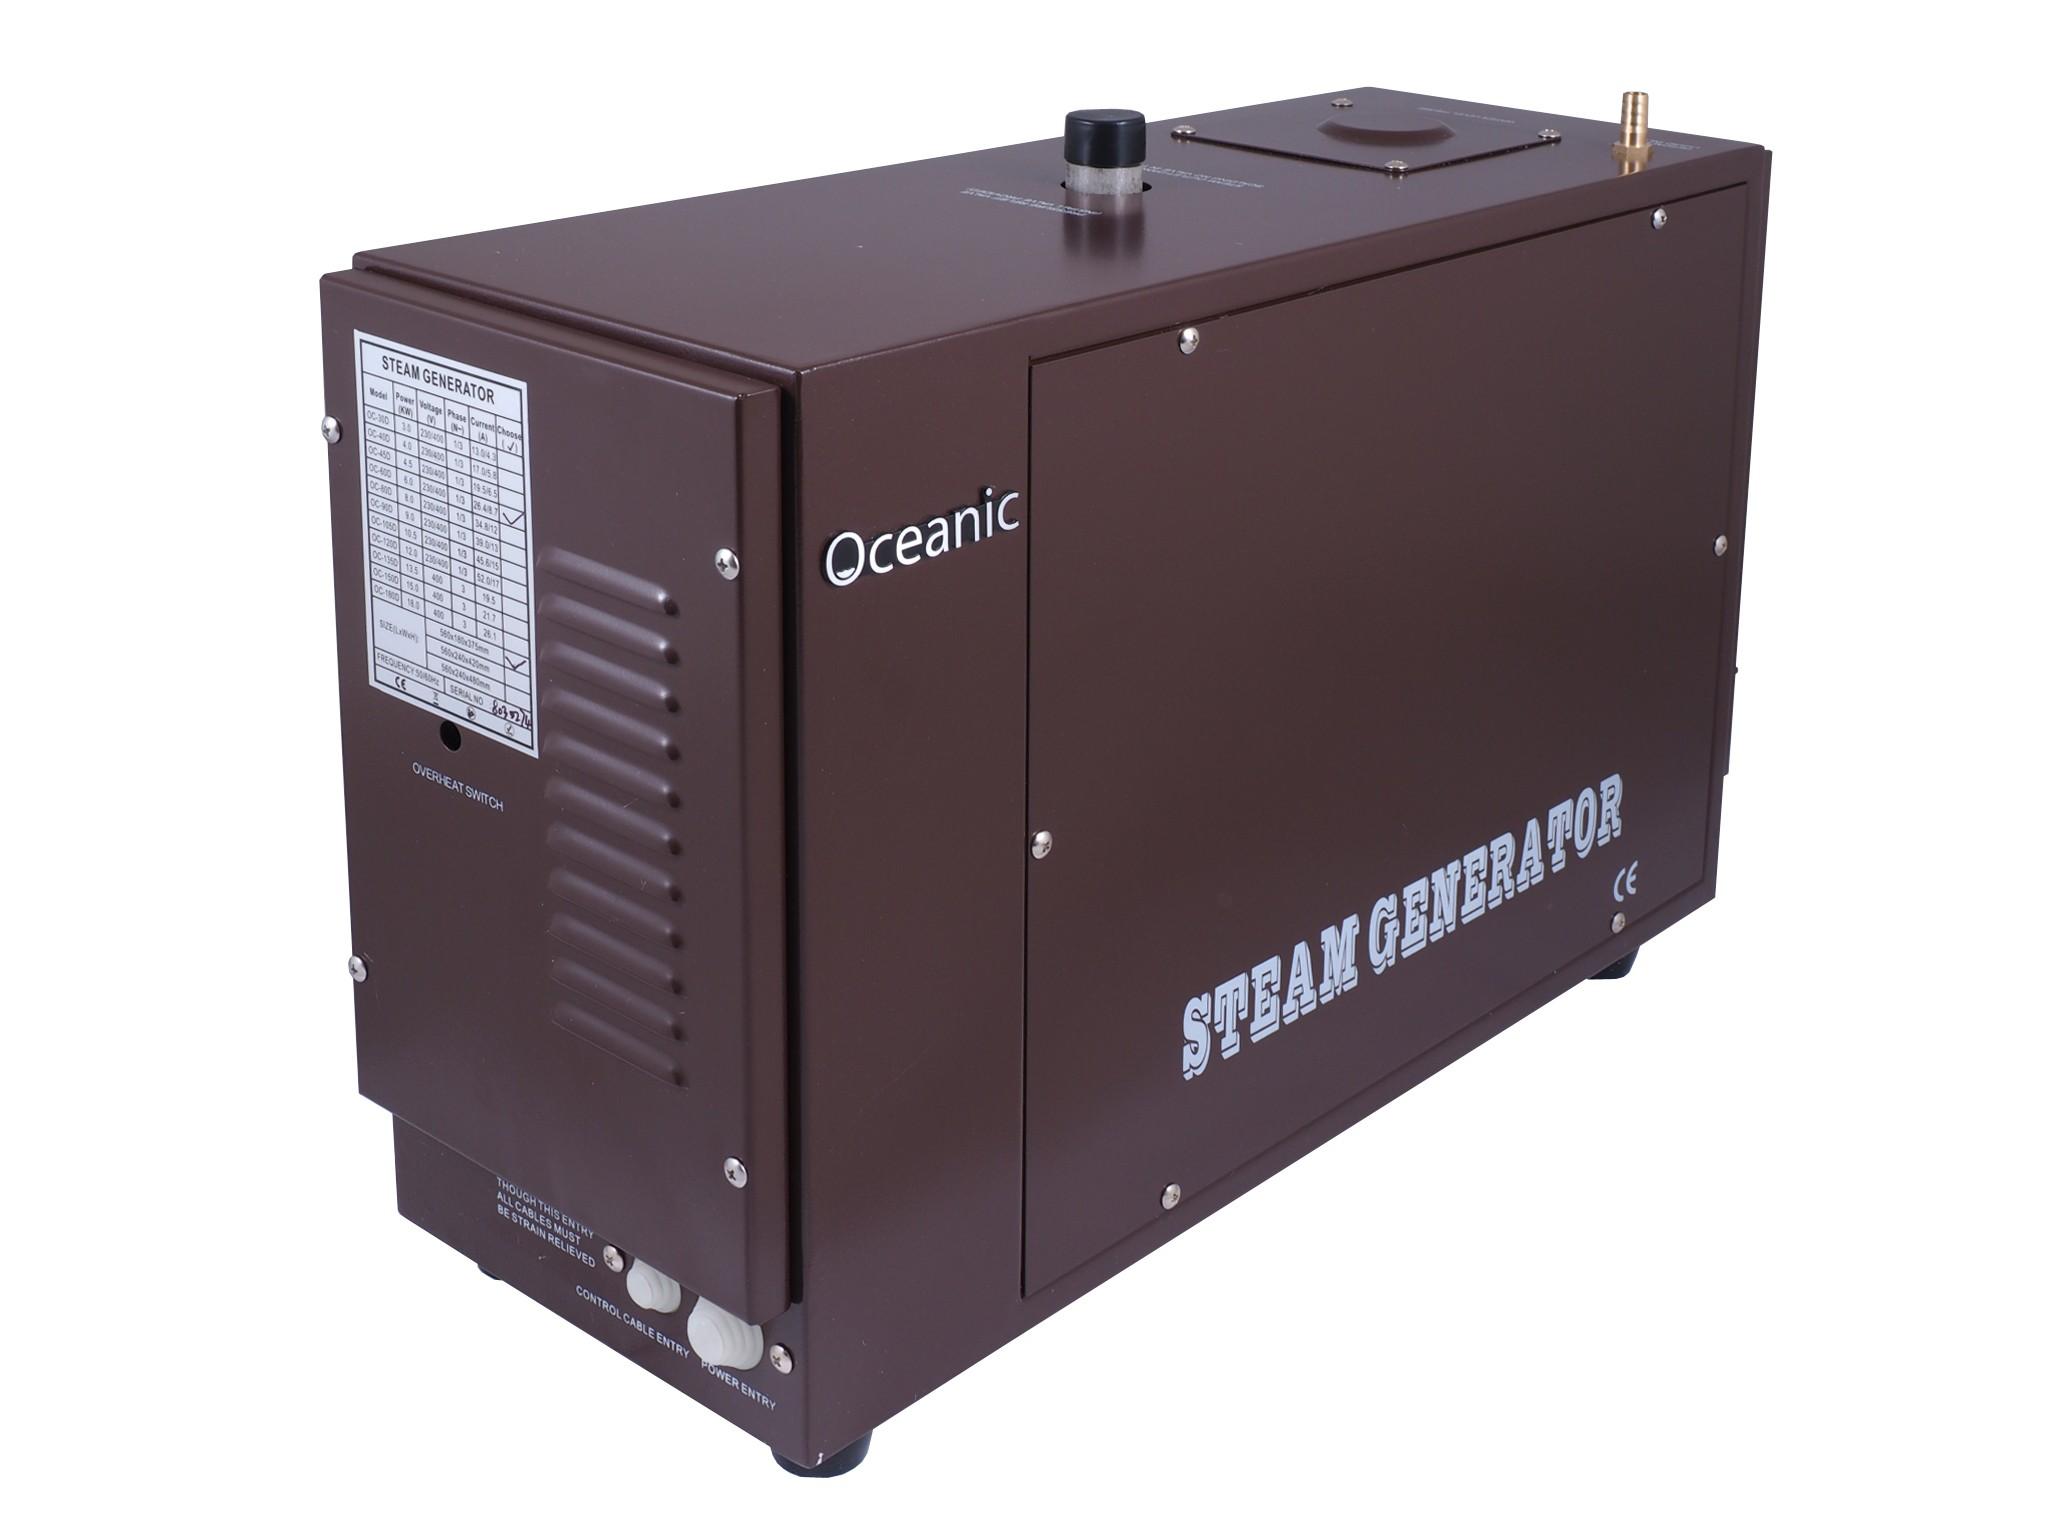 6kW Heavy Duty Commercial OCD Steam Generator